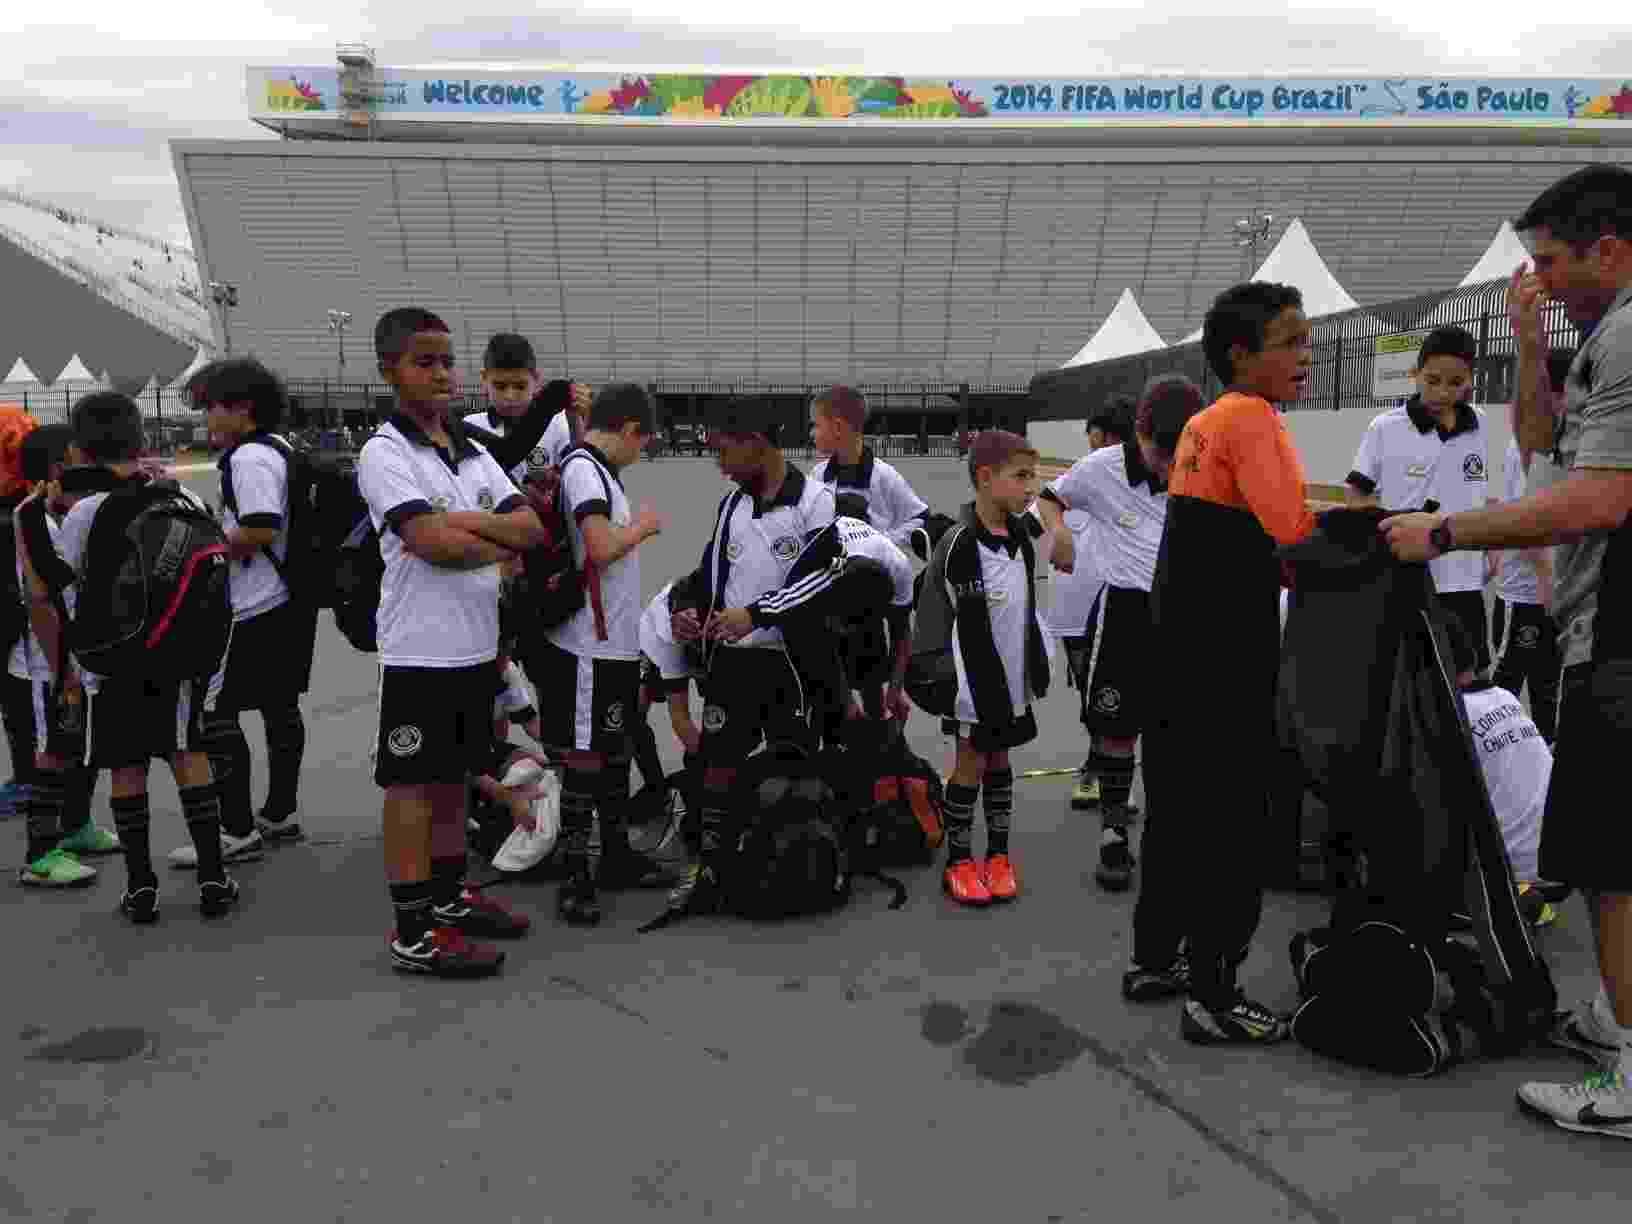 Garotos de escolinha do Corinthians relatam emoção de entrar no ... 4d47b8555676d